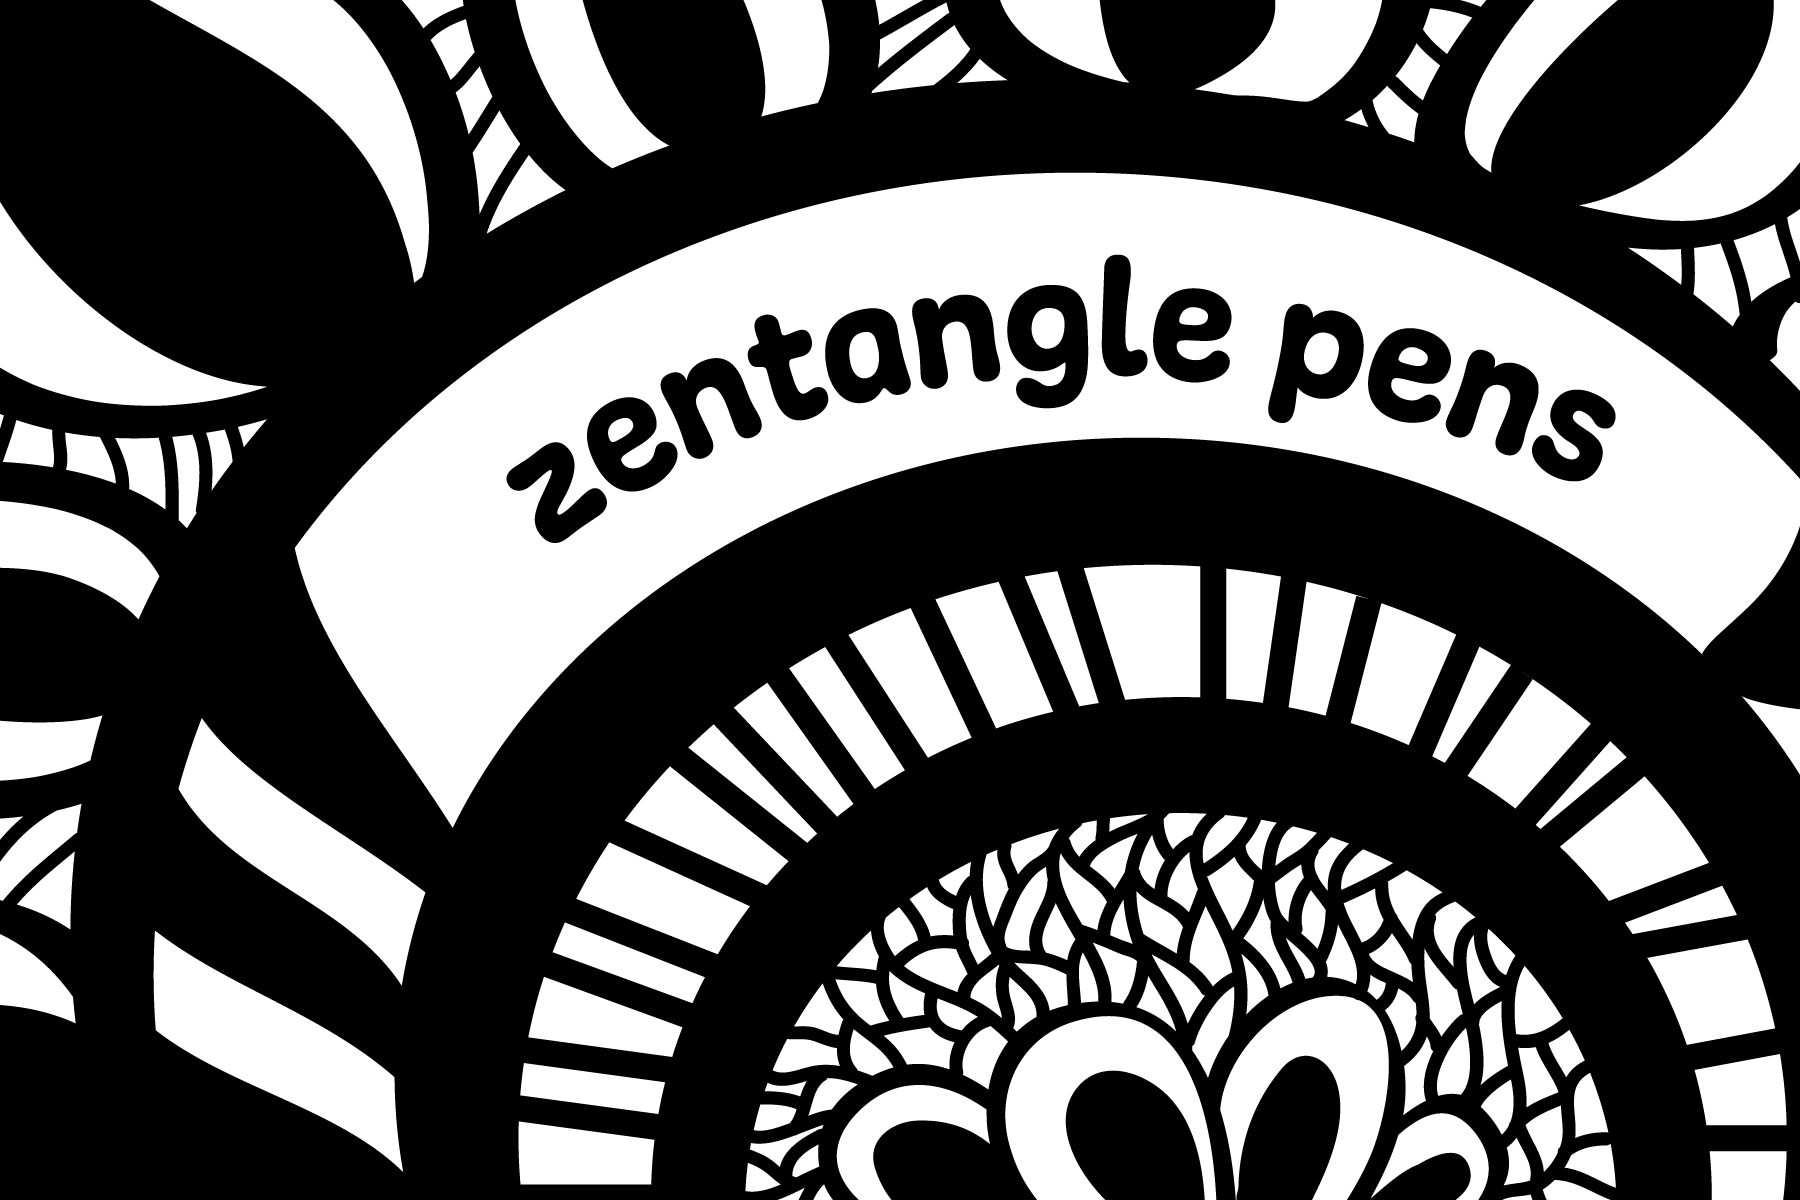 Zentangle Pens